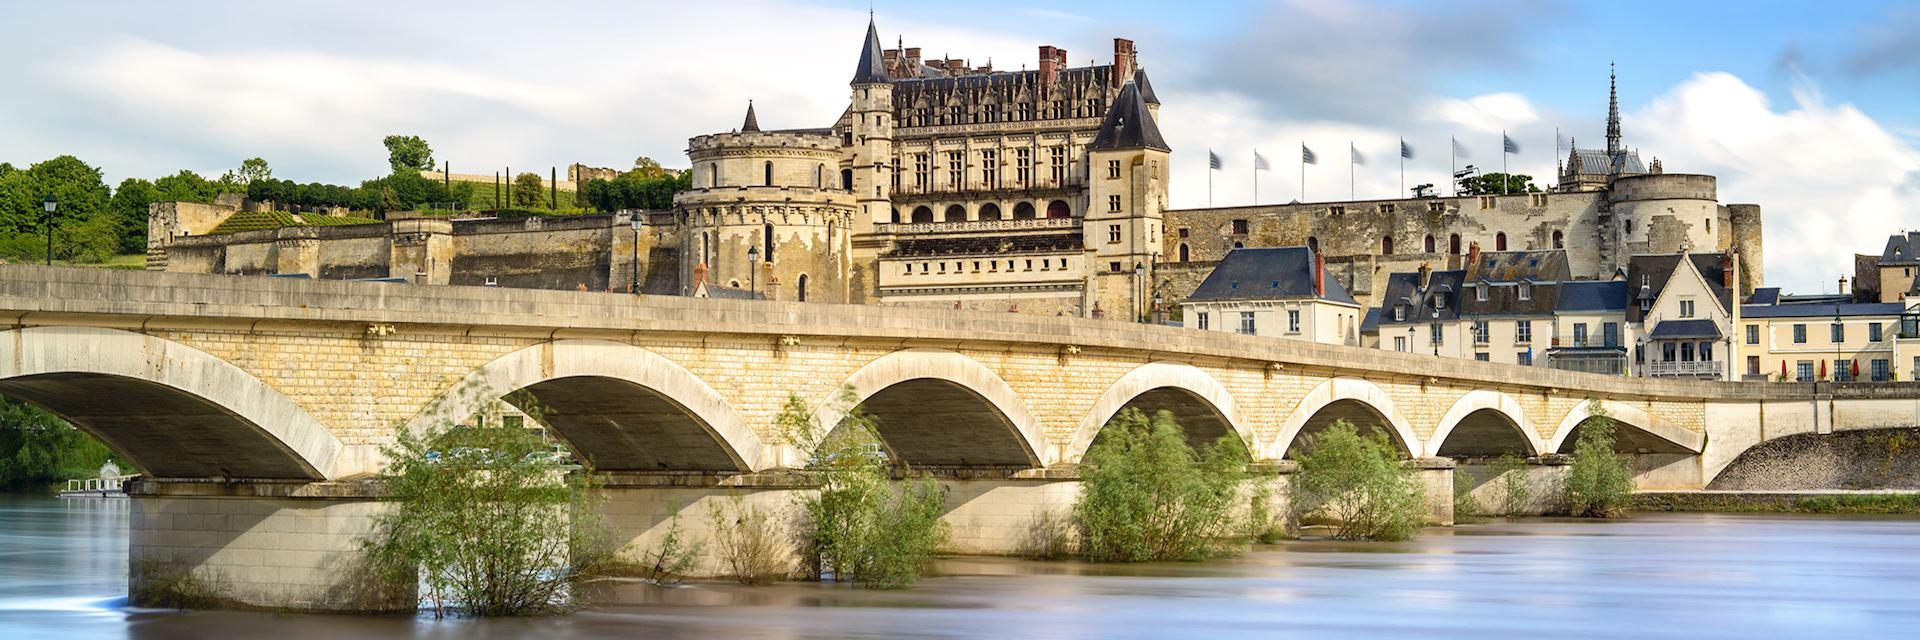 Amboise, village, bridge and medieval castle. Loire Valley, France